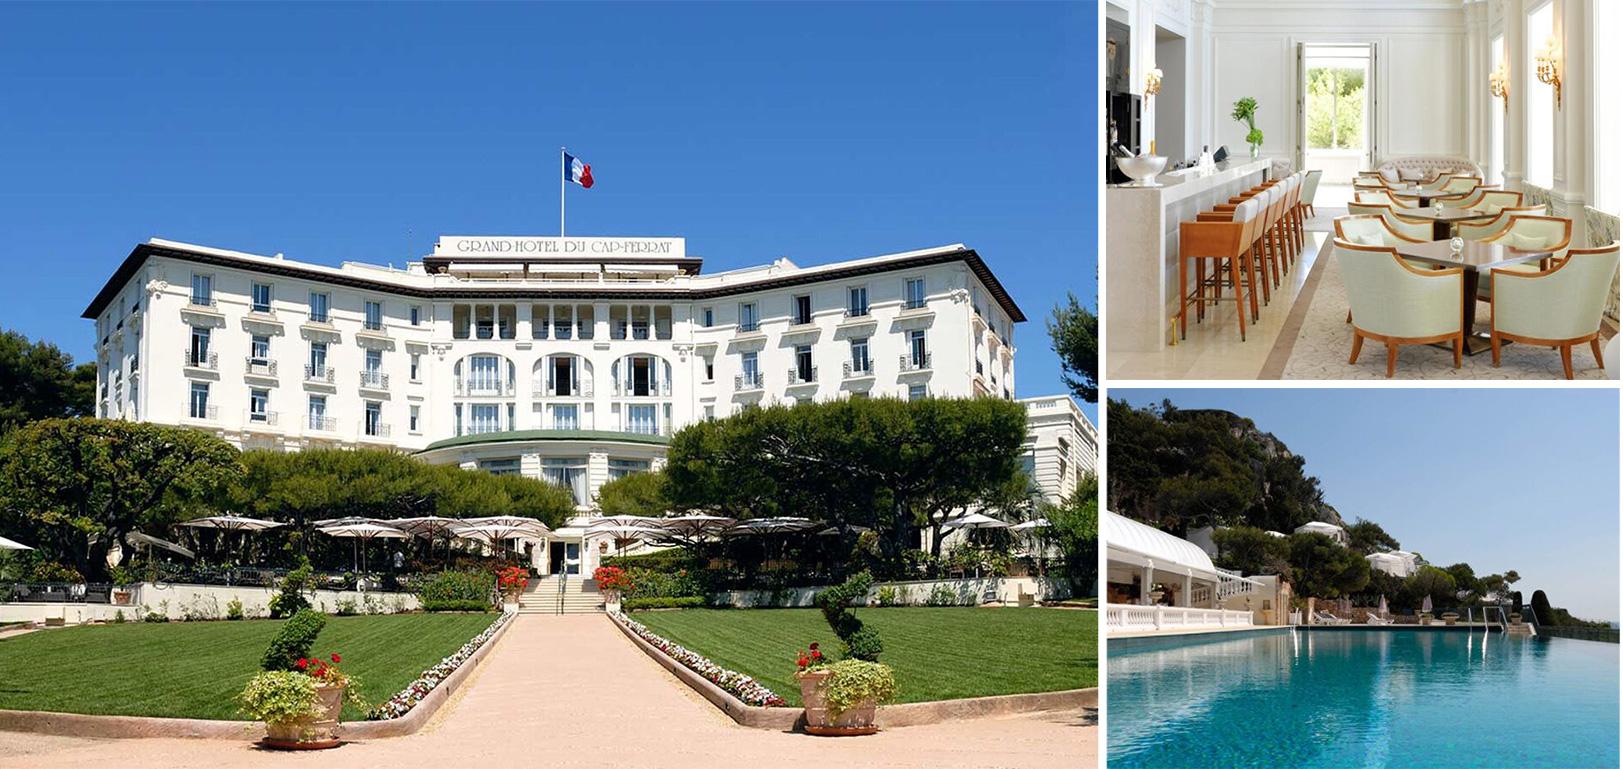 Grand hotel du palais royal paris black tomato - 4 Grand Hotel Du Cap Ferrat C Te D Azur